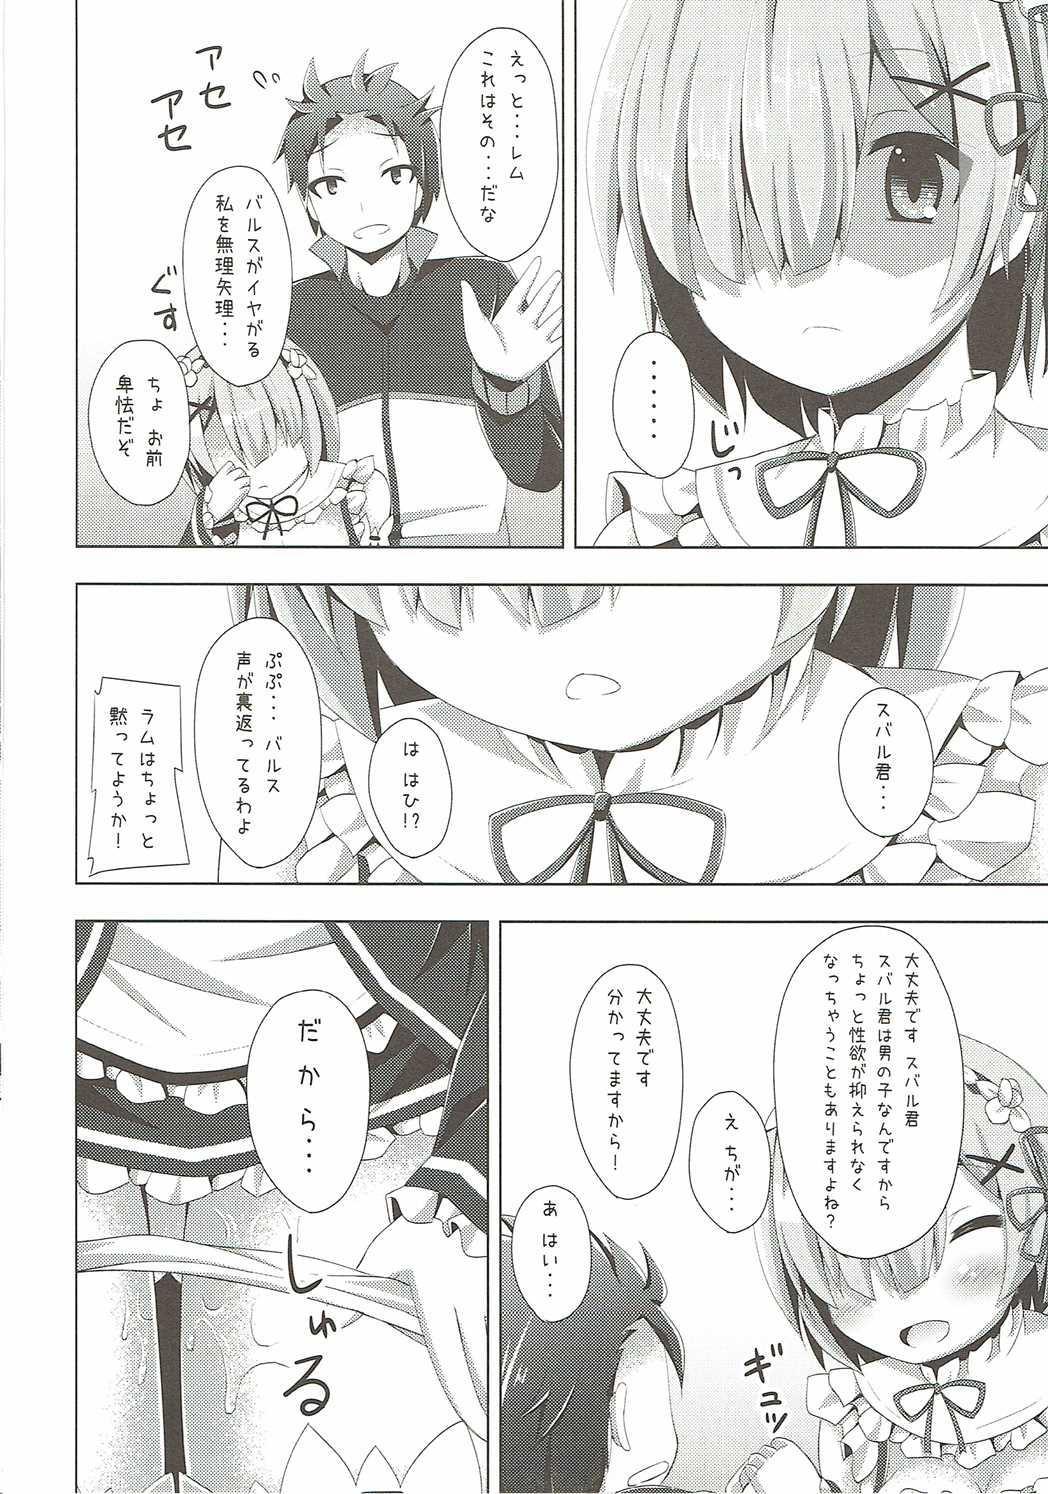 """""""A Subaru-kun Ecchi Shimasu?"""" """"Chotto Barusu Nani Jiro Jiro Miten no yo"""" 14"""